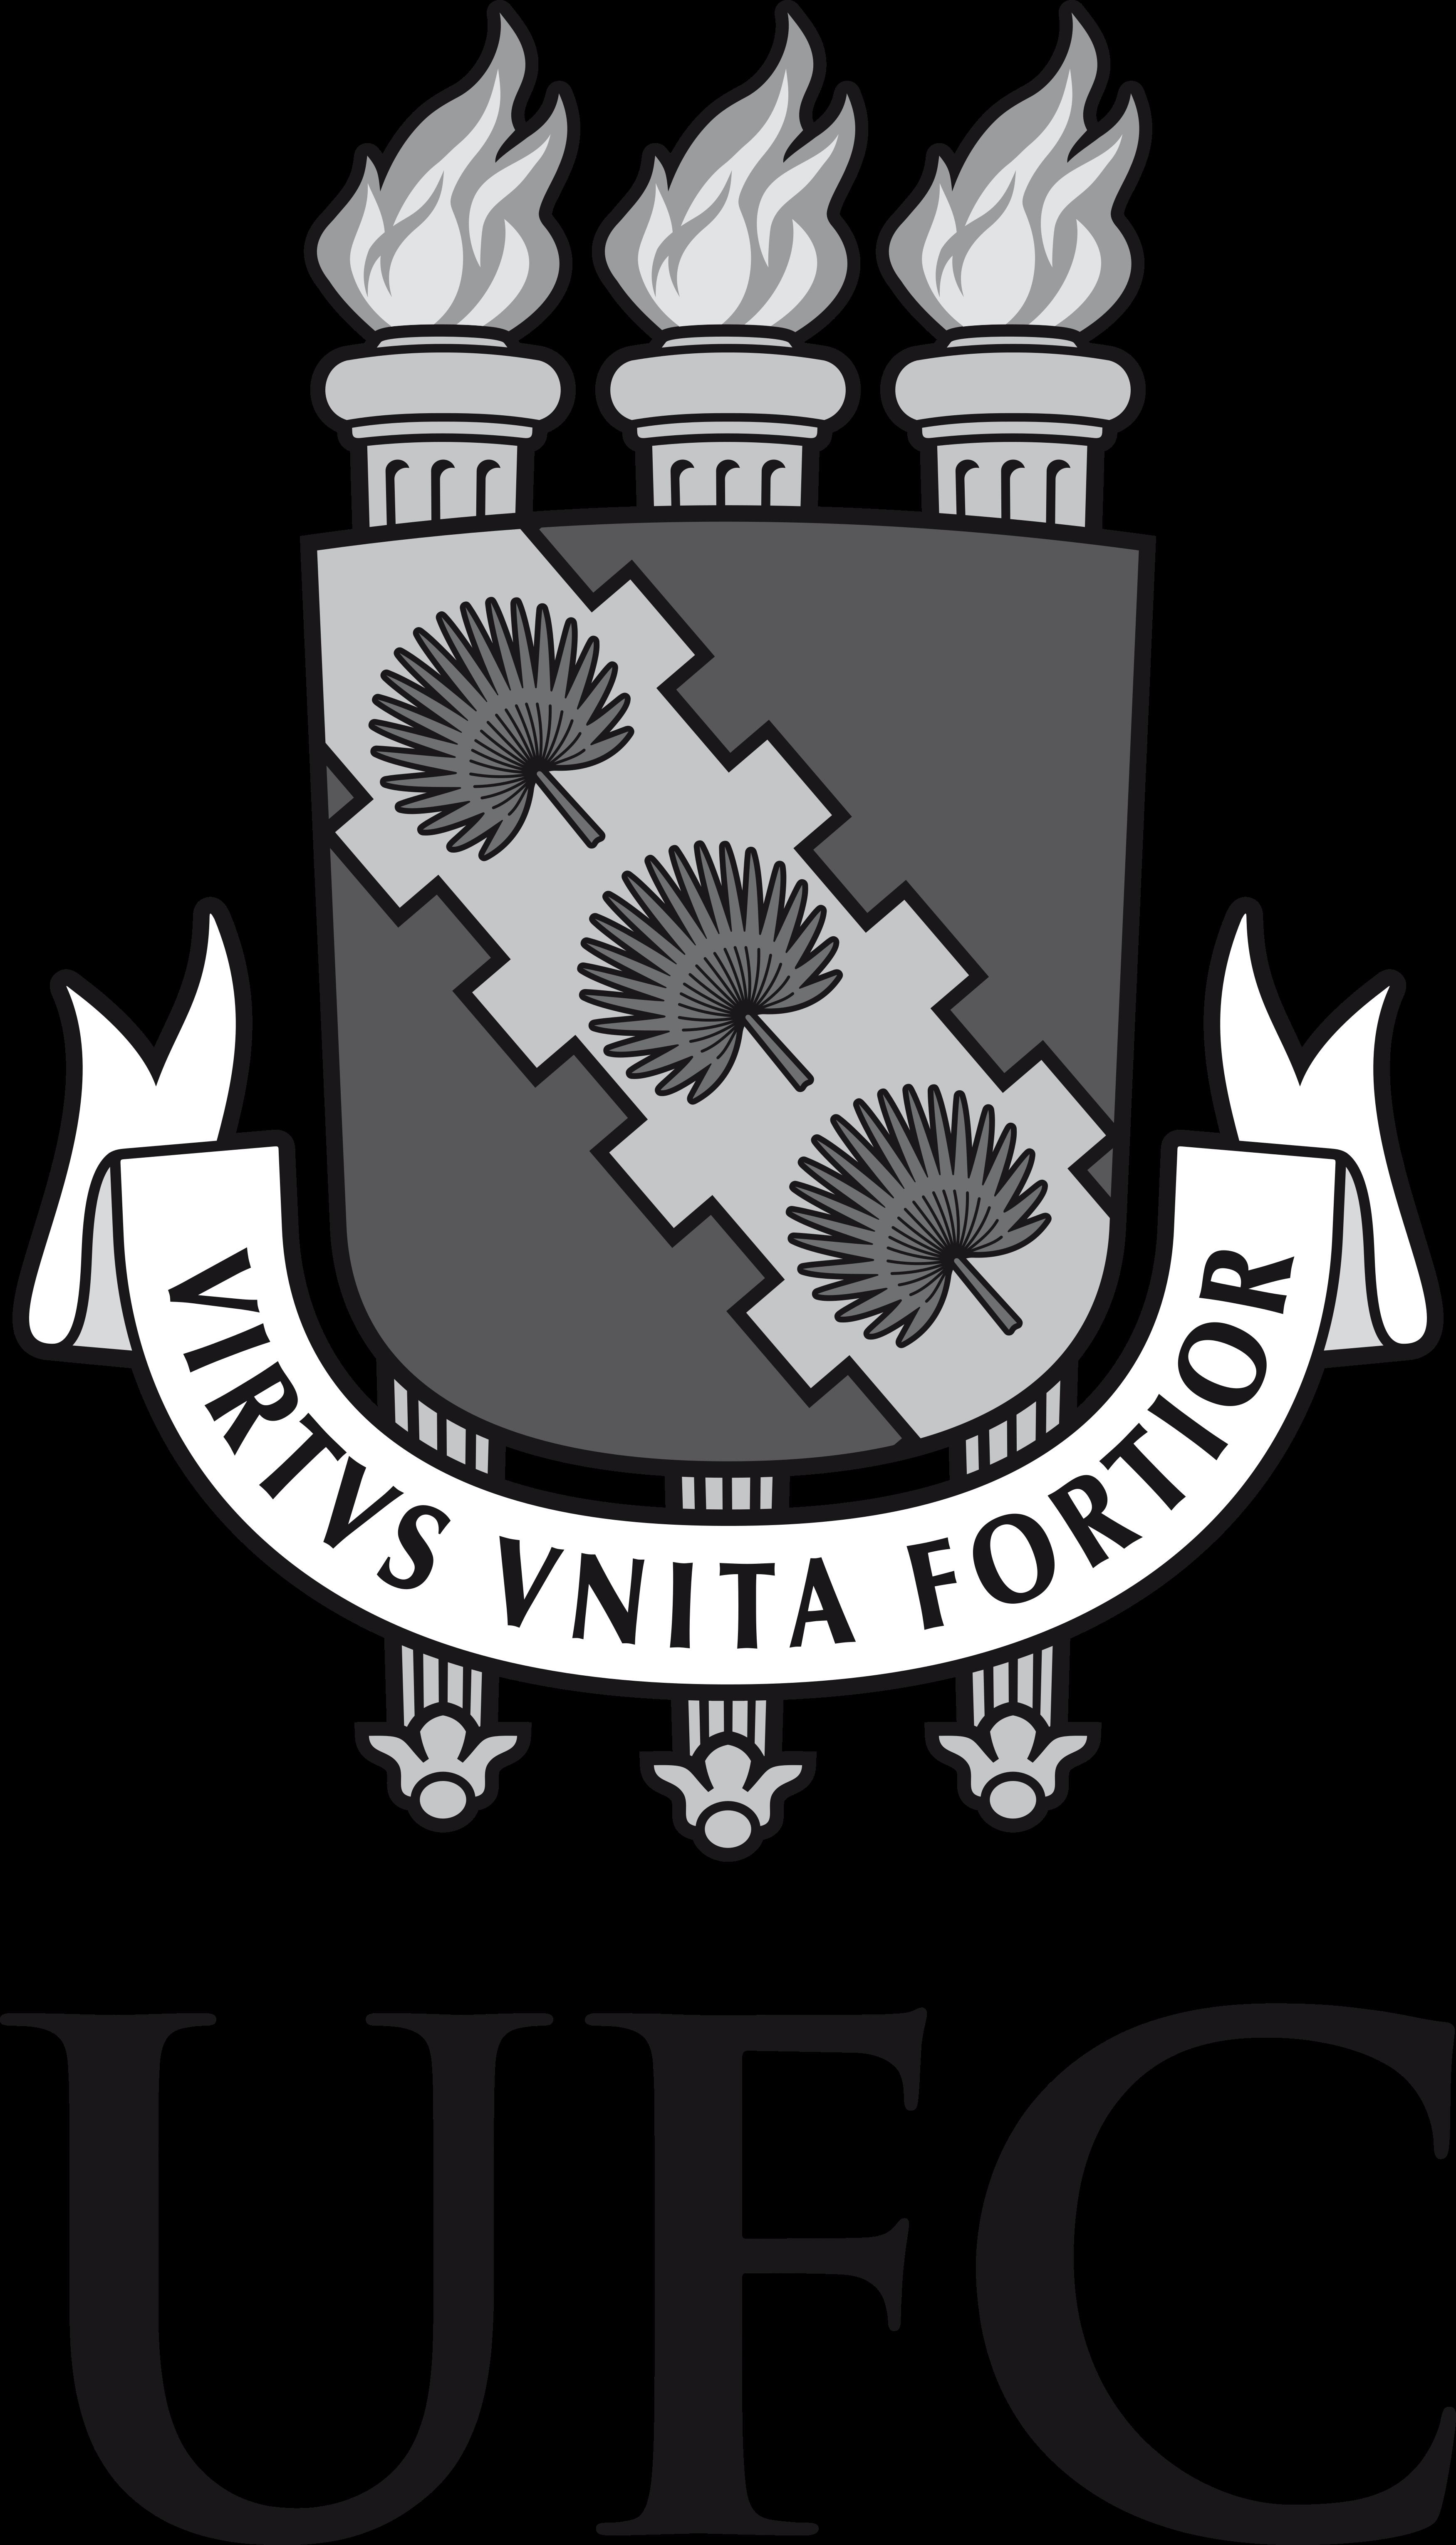 ufc logo universidade 12 - UFC Logo - Universidade Federal do Ceará Logo